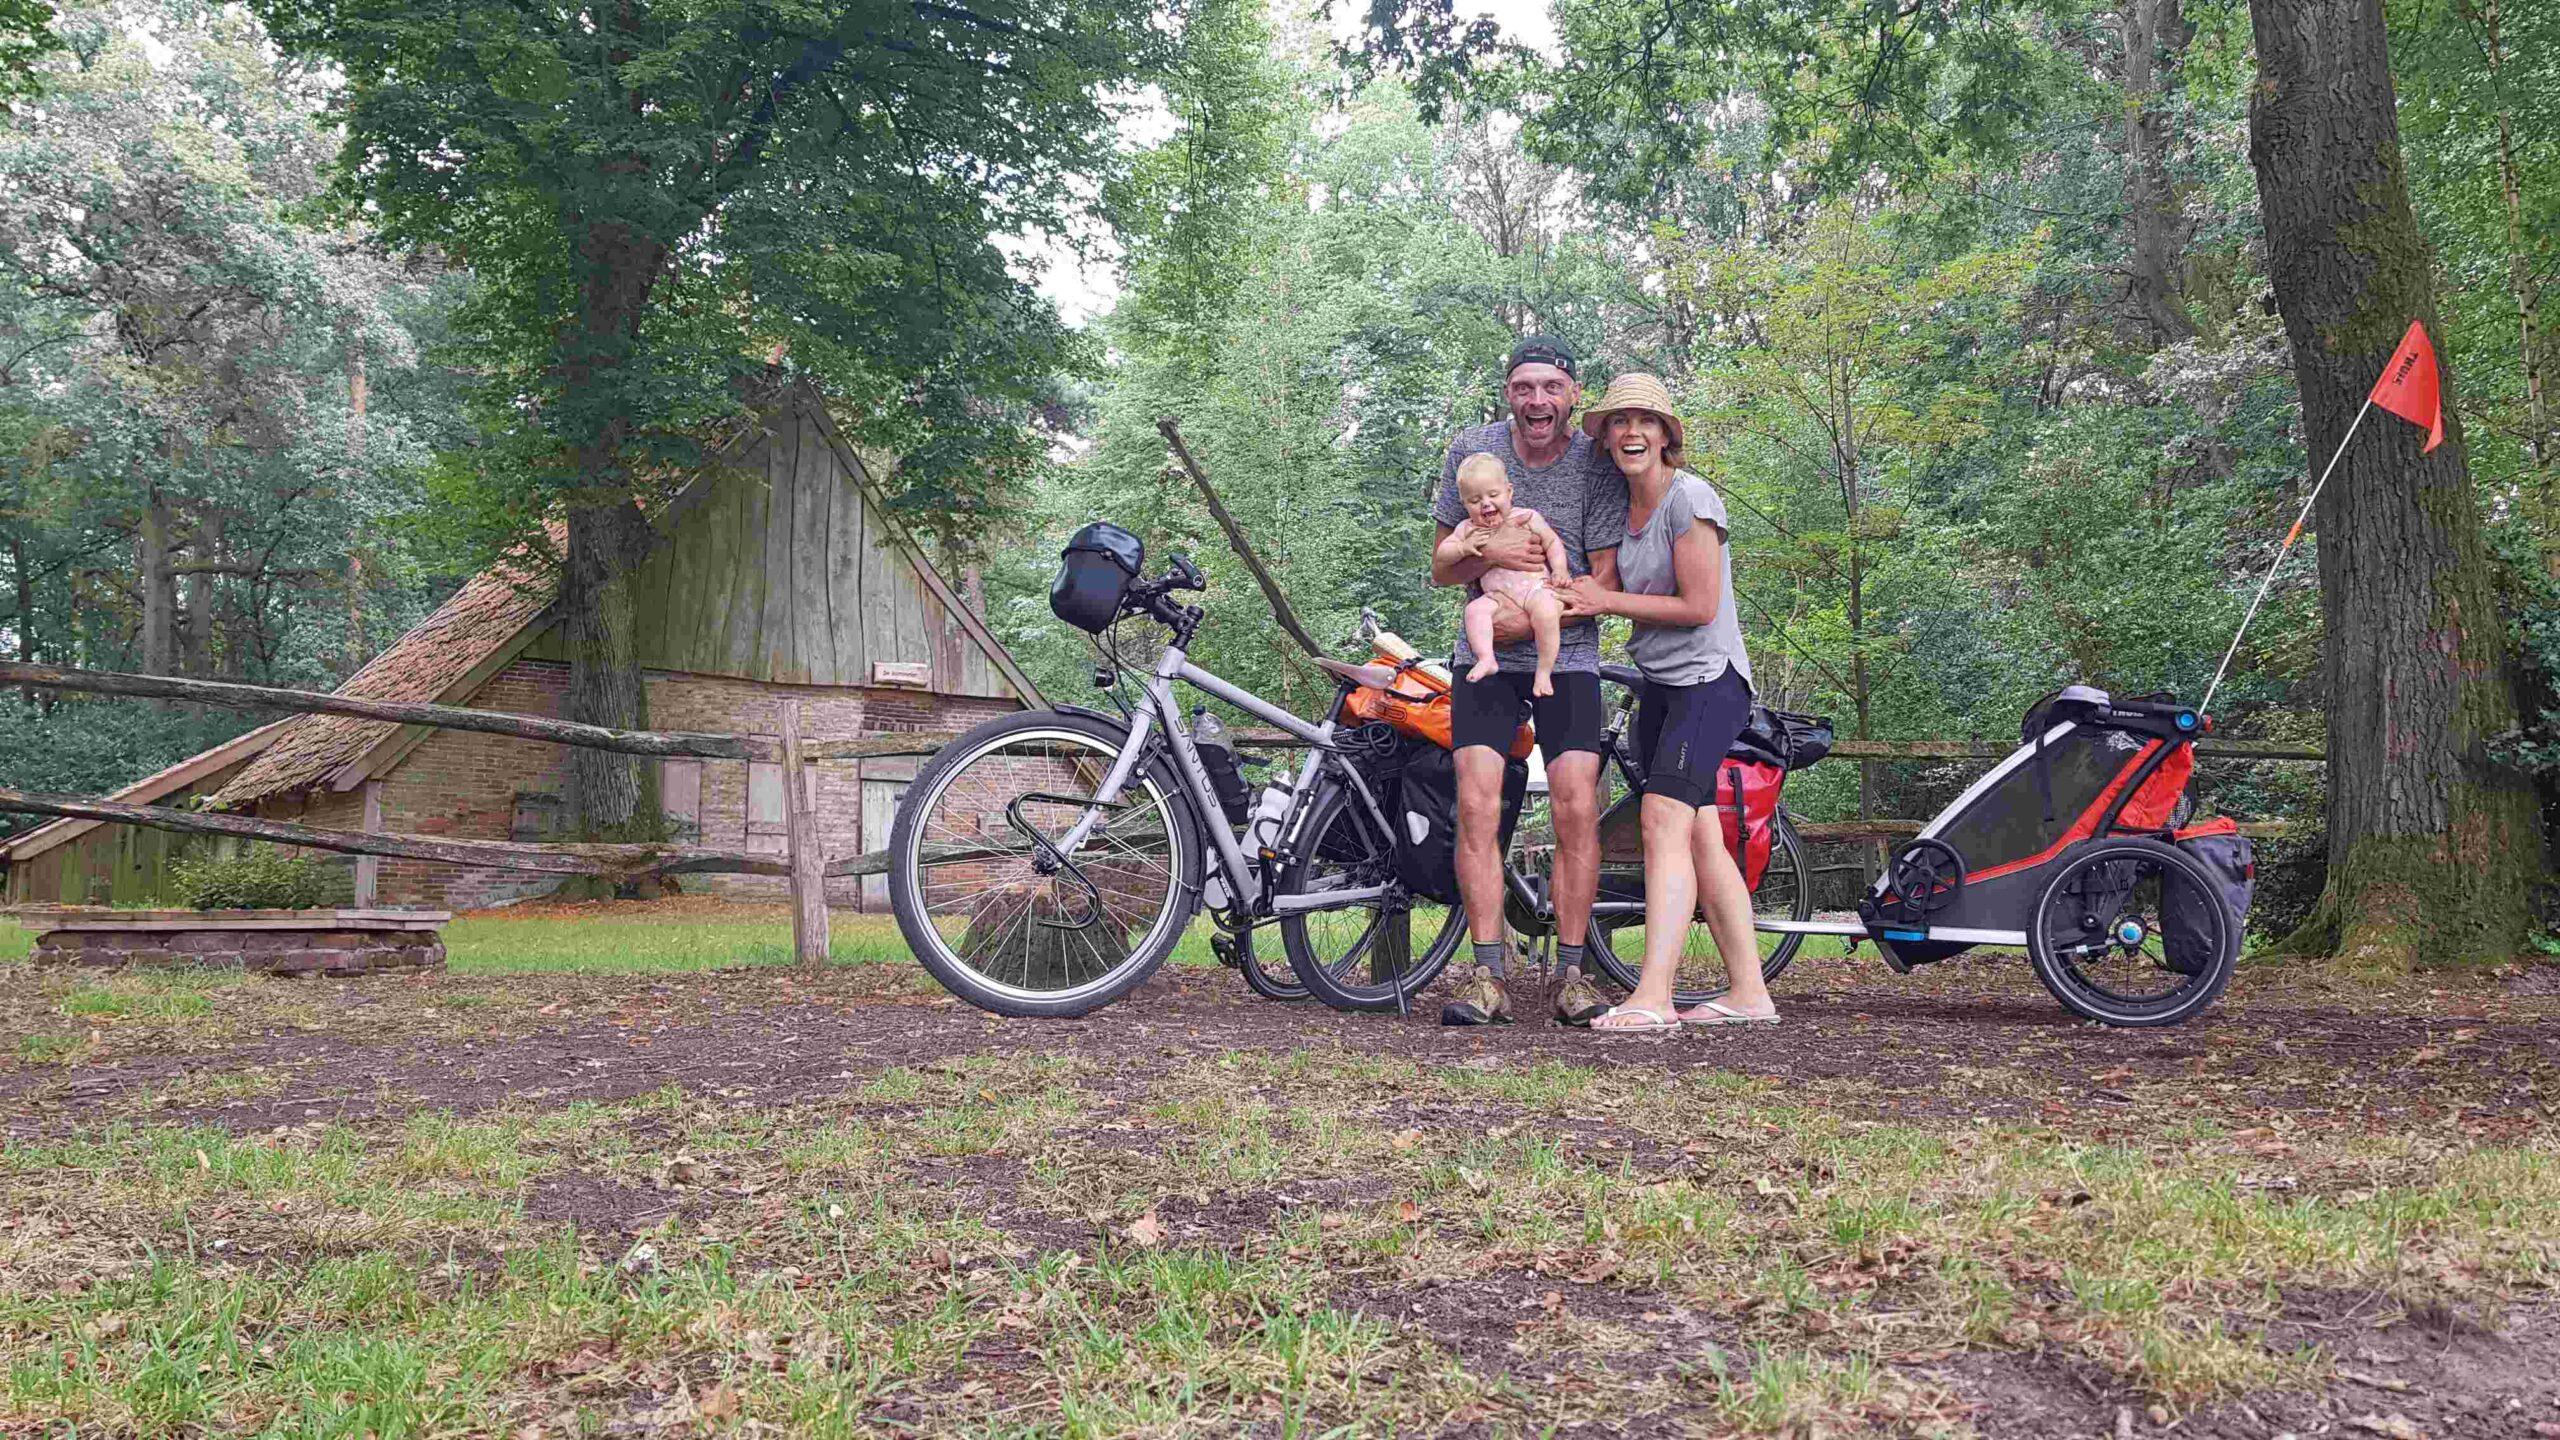 Rondje-Nederland-op-de-fiets-familiekiekje-Bommelas-bij-Buurserzand